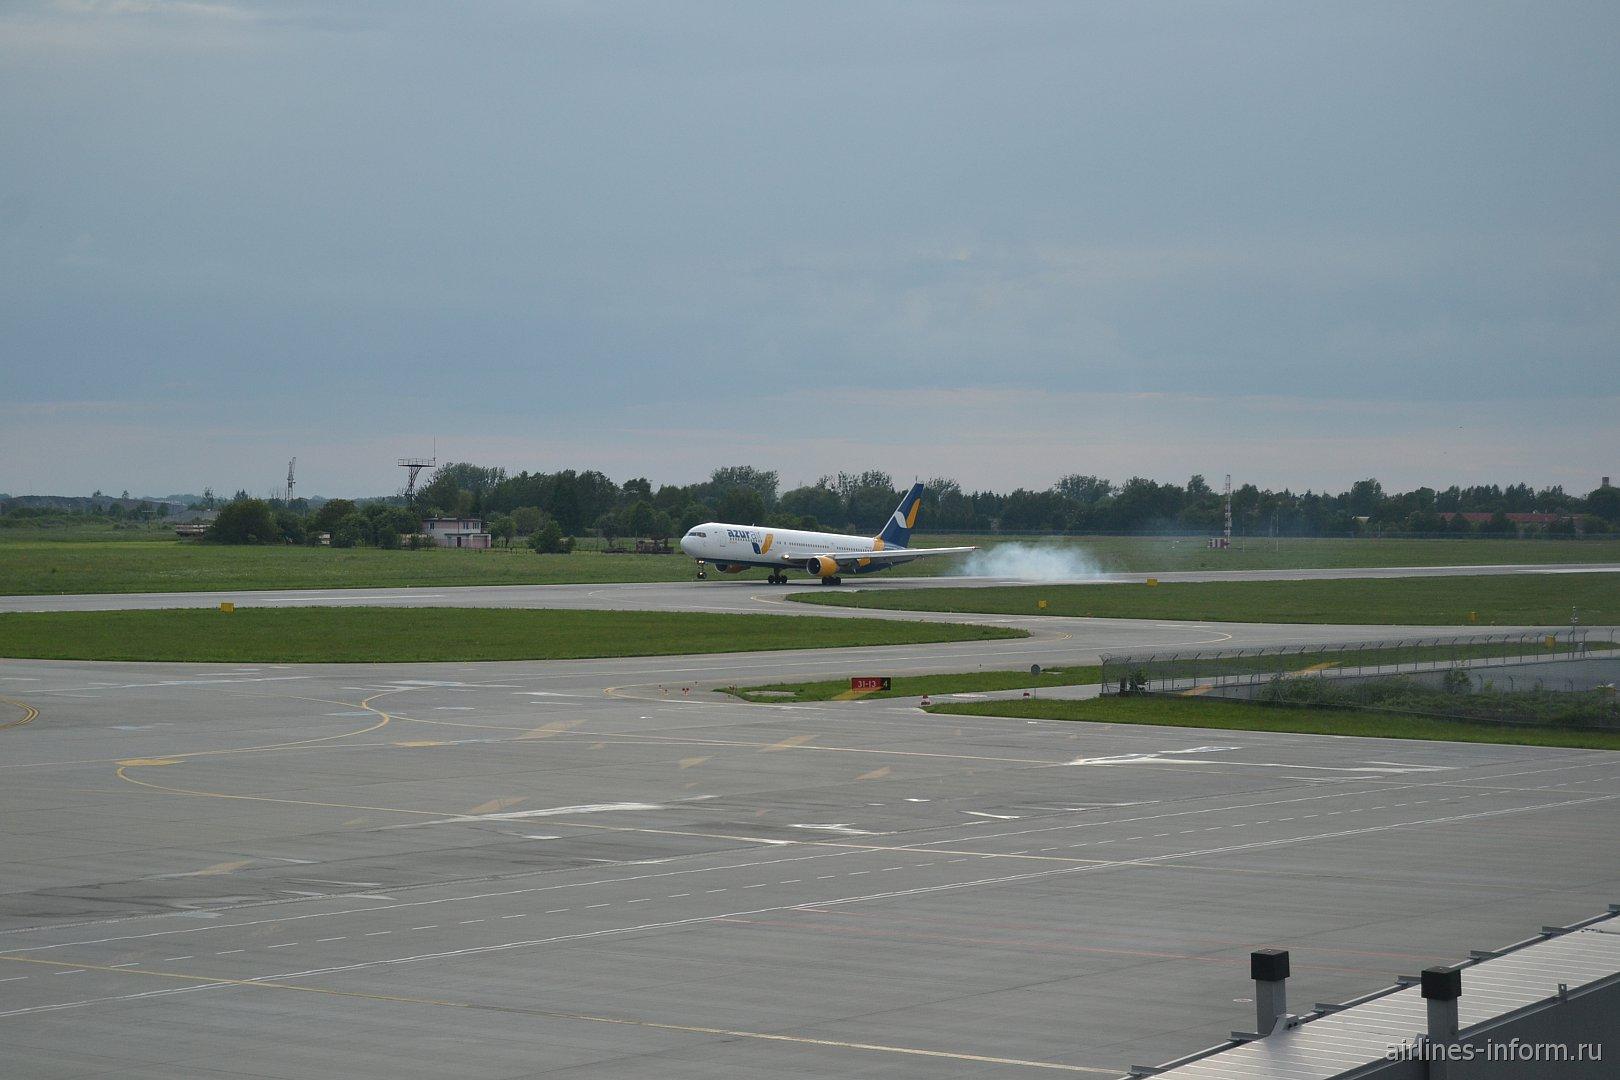 Продолжение сезона отпусков. Львов (LWO) - Анталья (AYT) с Azur Air Ukraine.